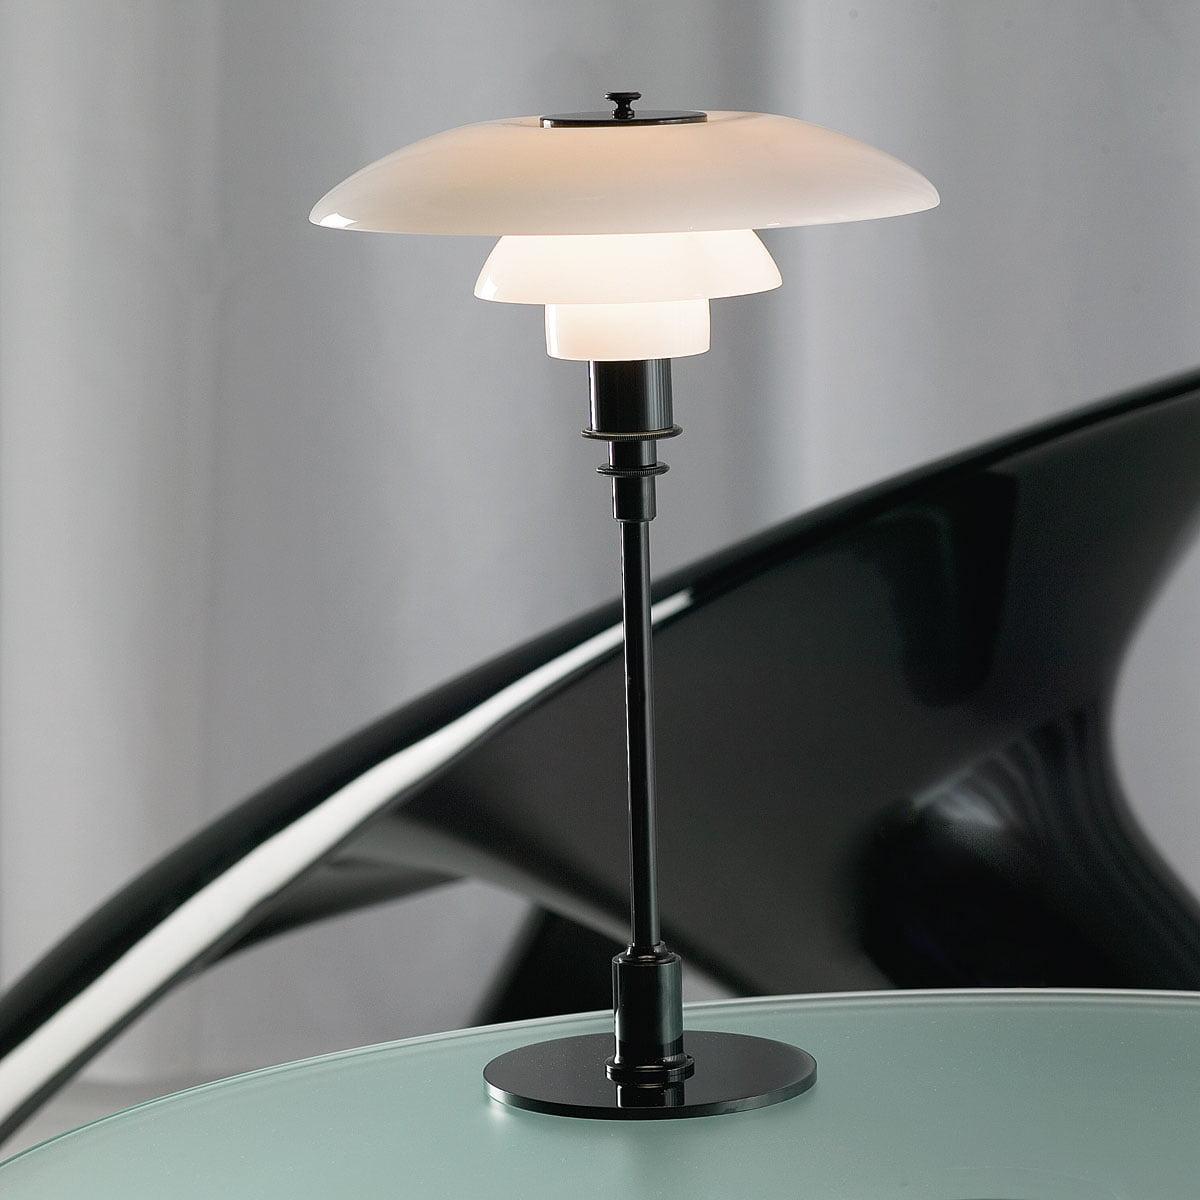 ph lighting. Louis Poulsen PH 3/2 Table Lamp Ph Lighting